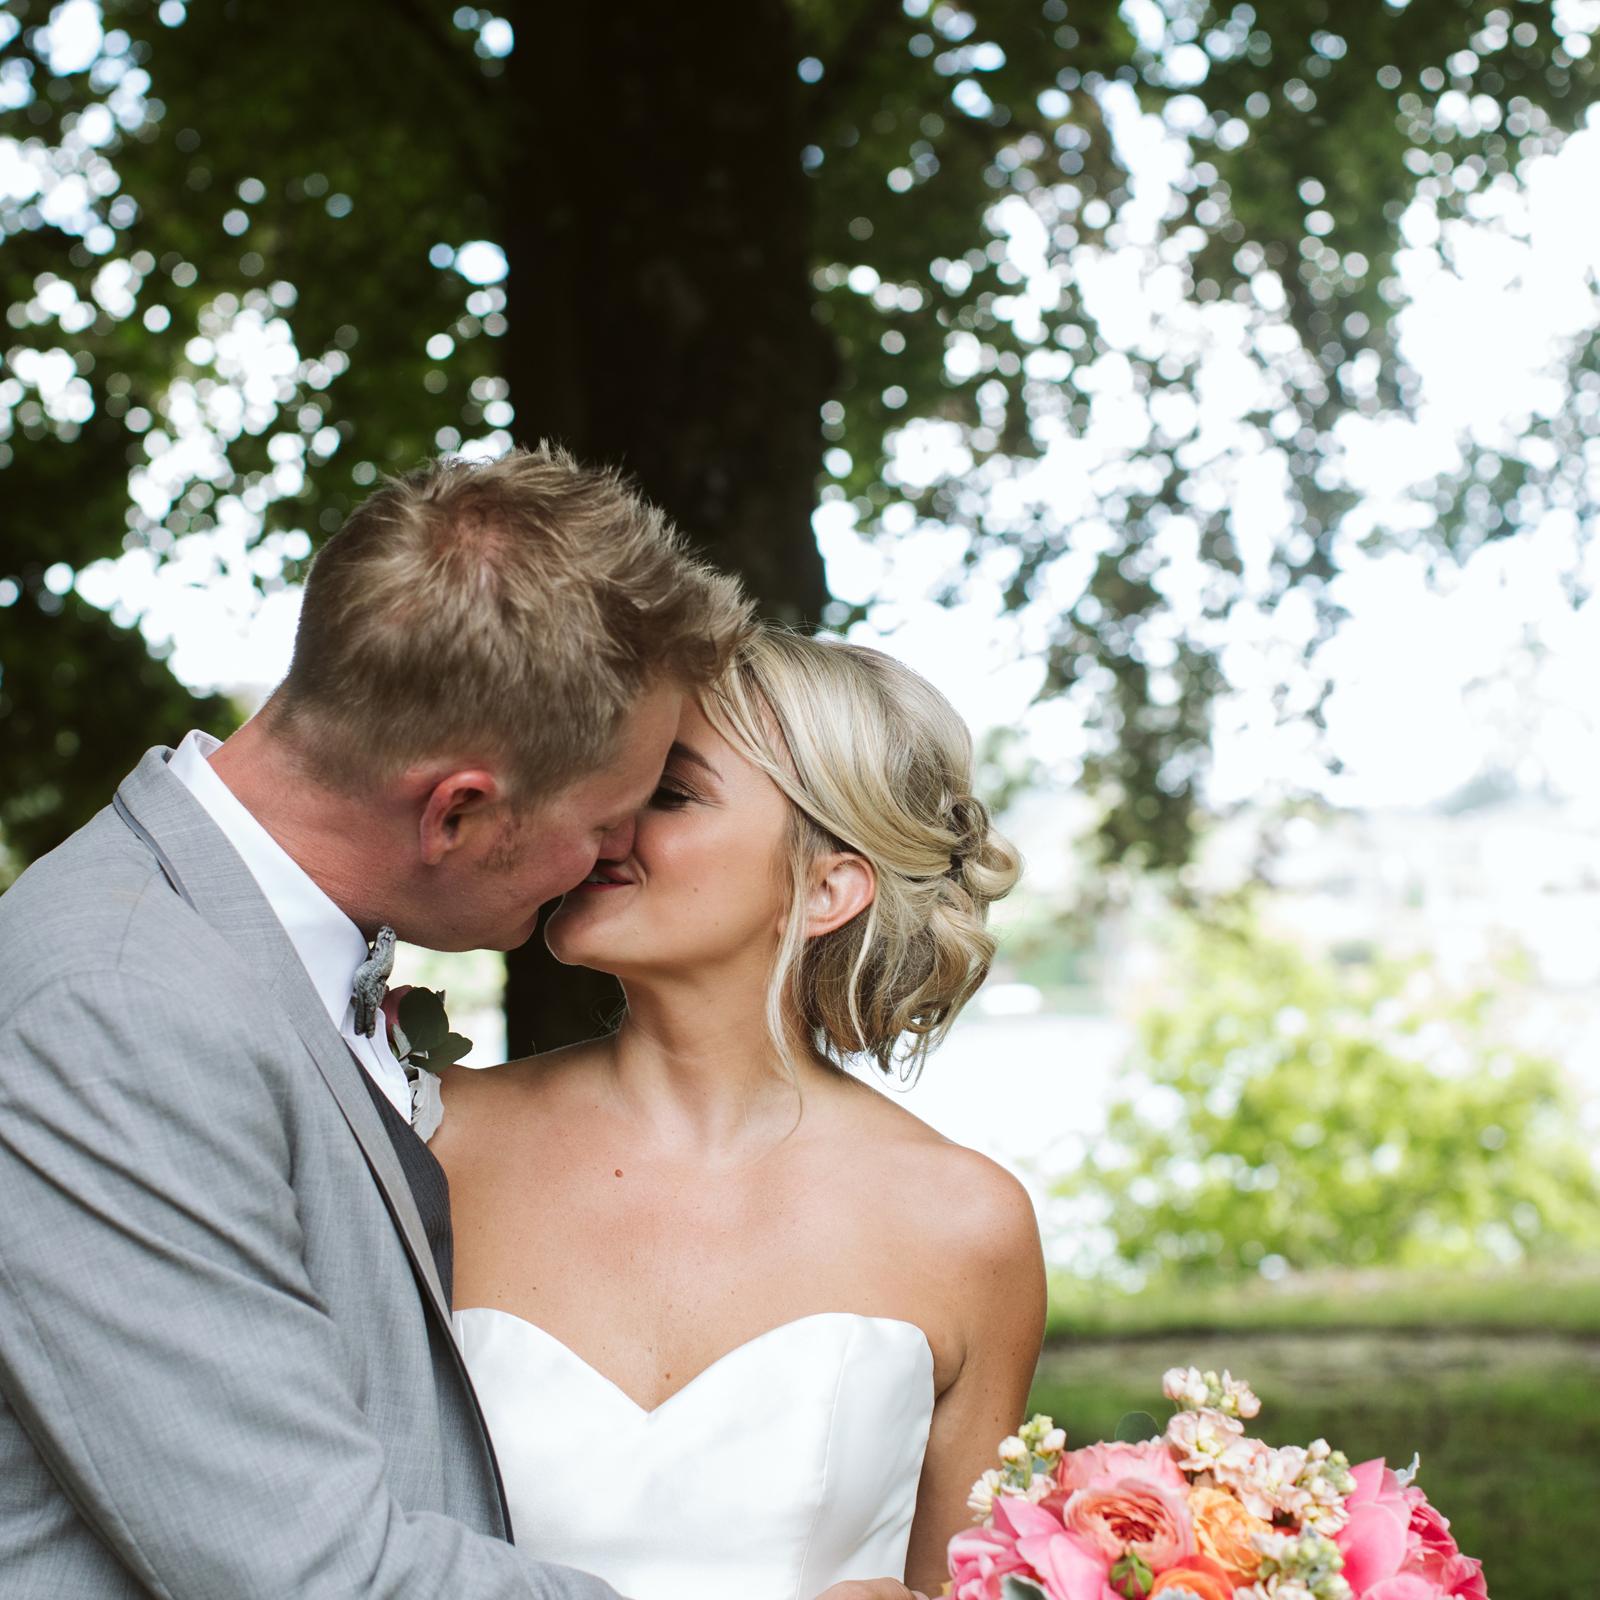 107-daronjackson-gabby-alec-wedding.jpg